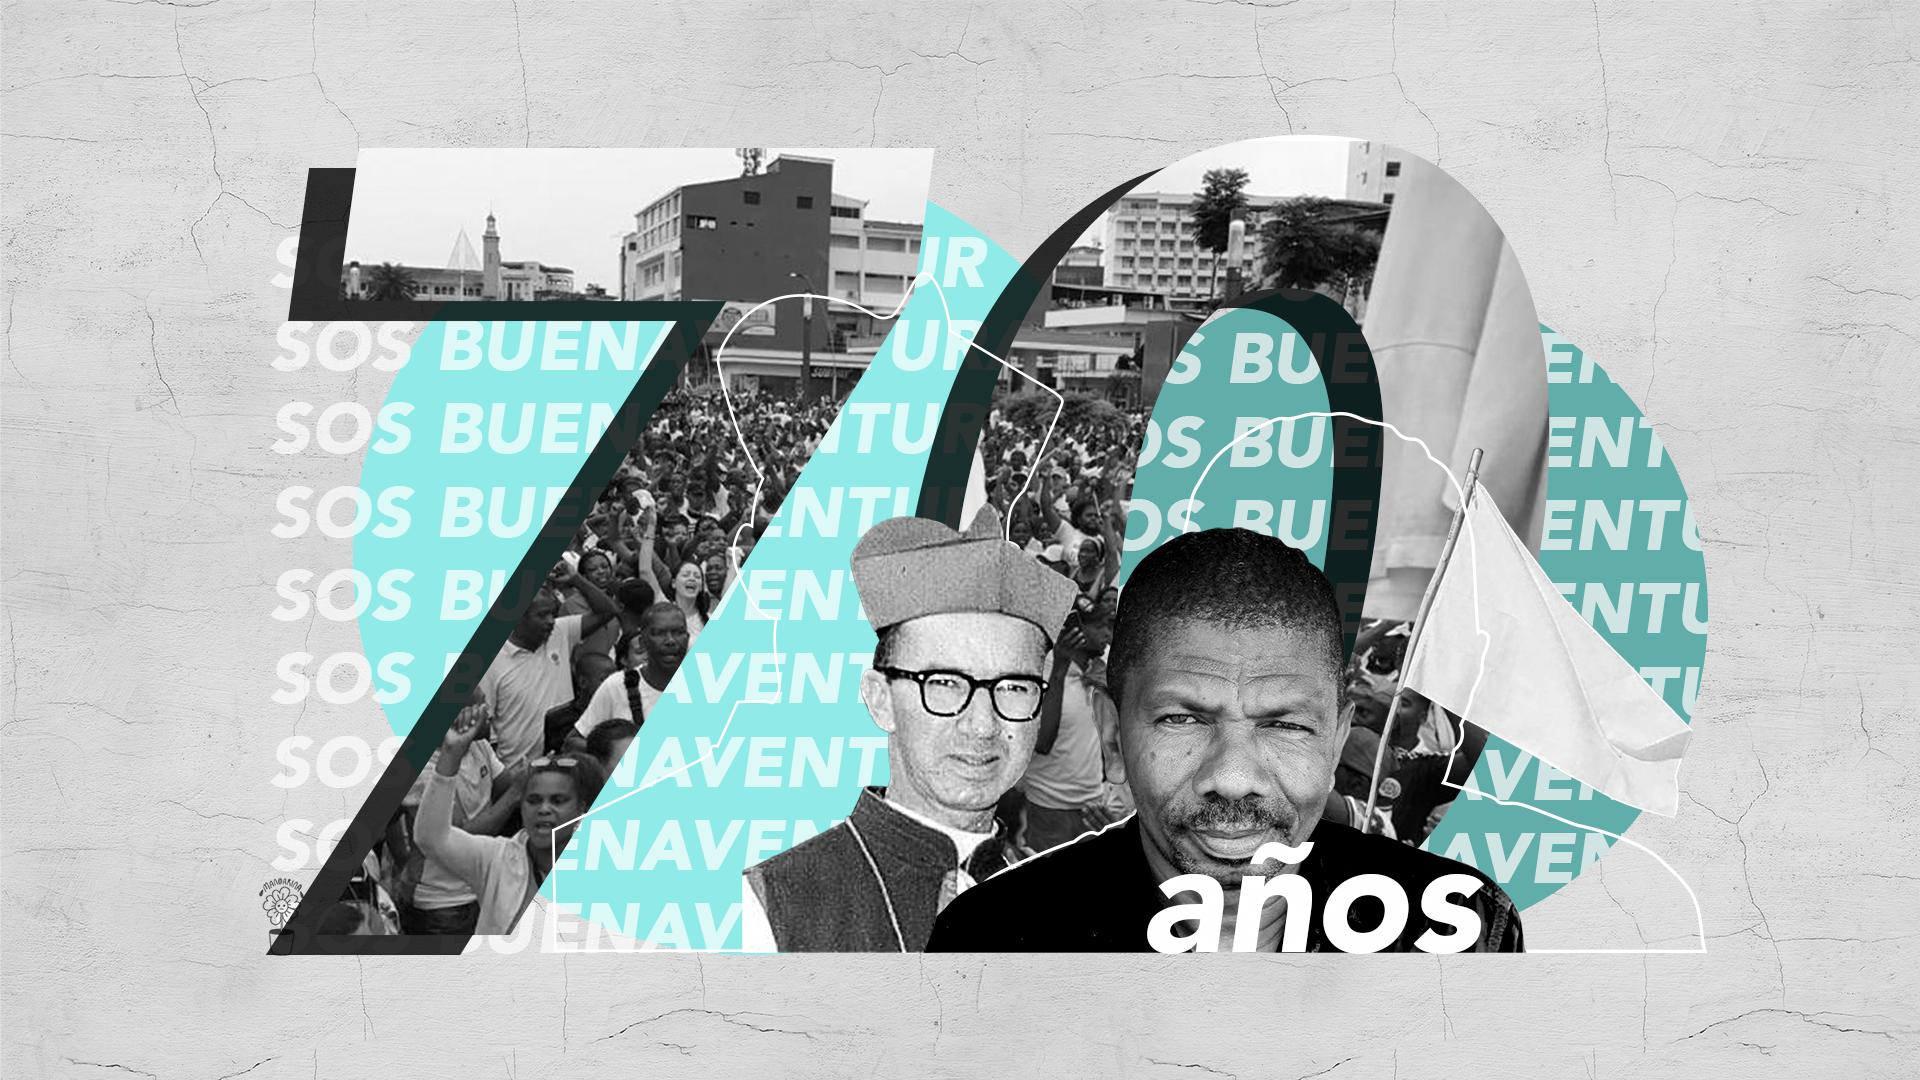 Buenaventura resiste: 70 años de lucha por derechos en una ciudad donde la riqueza desfila